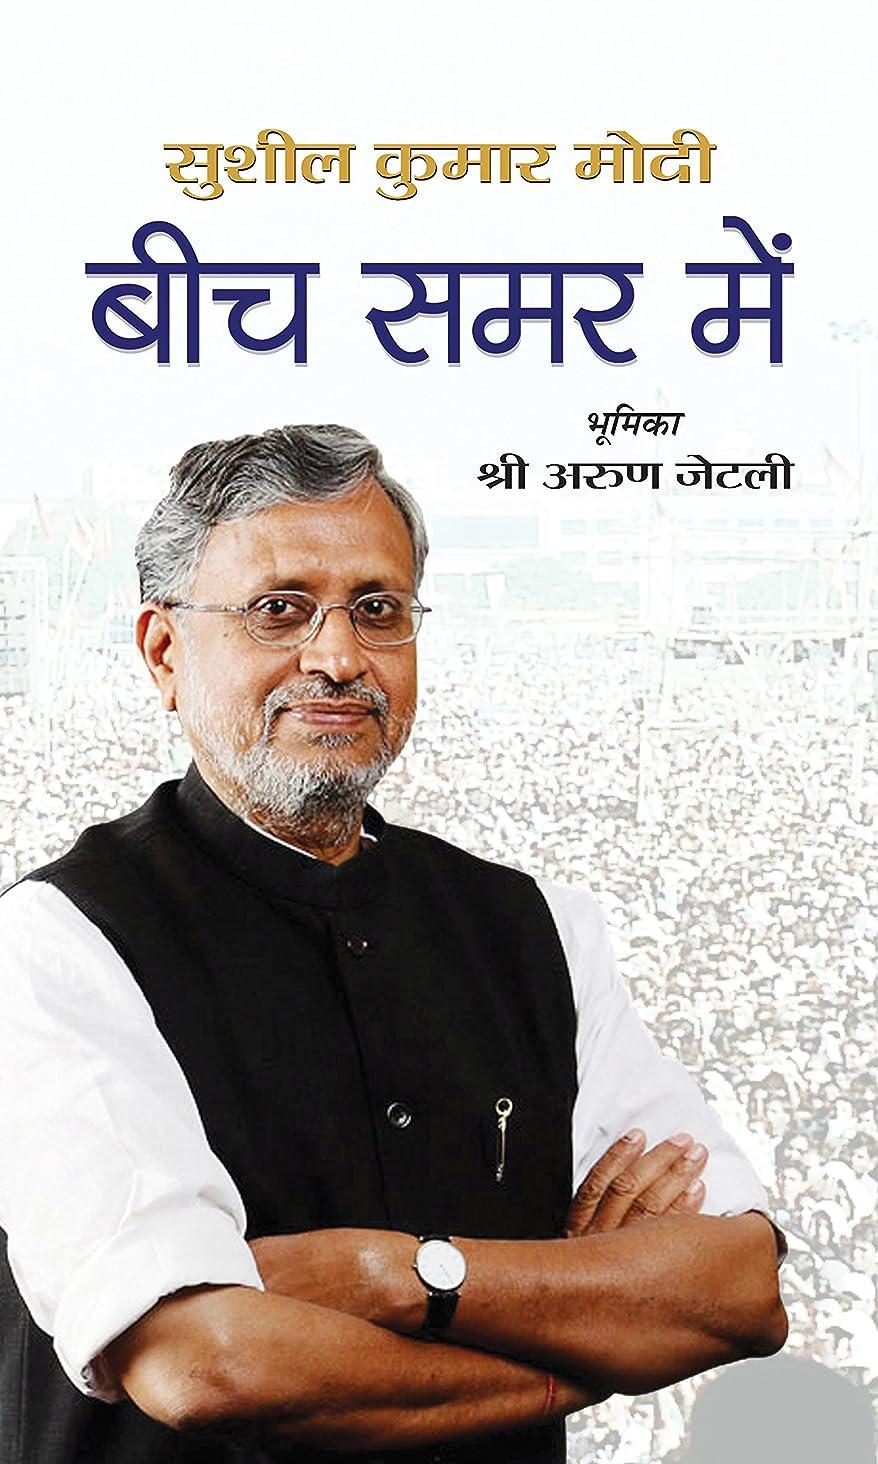 作物エンジニアリング買い物に行くBEECH SAMAR MAIN (Hindi Edition)